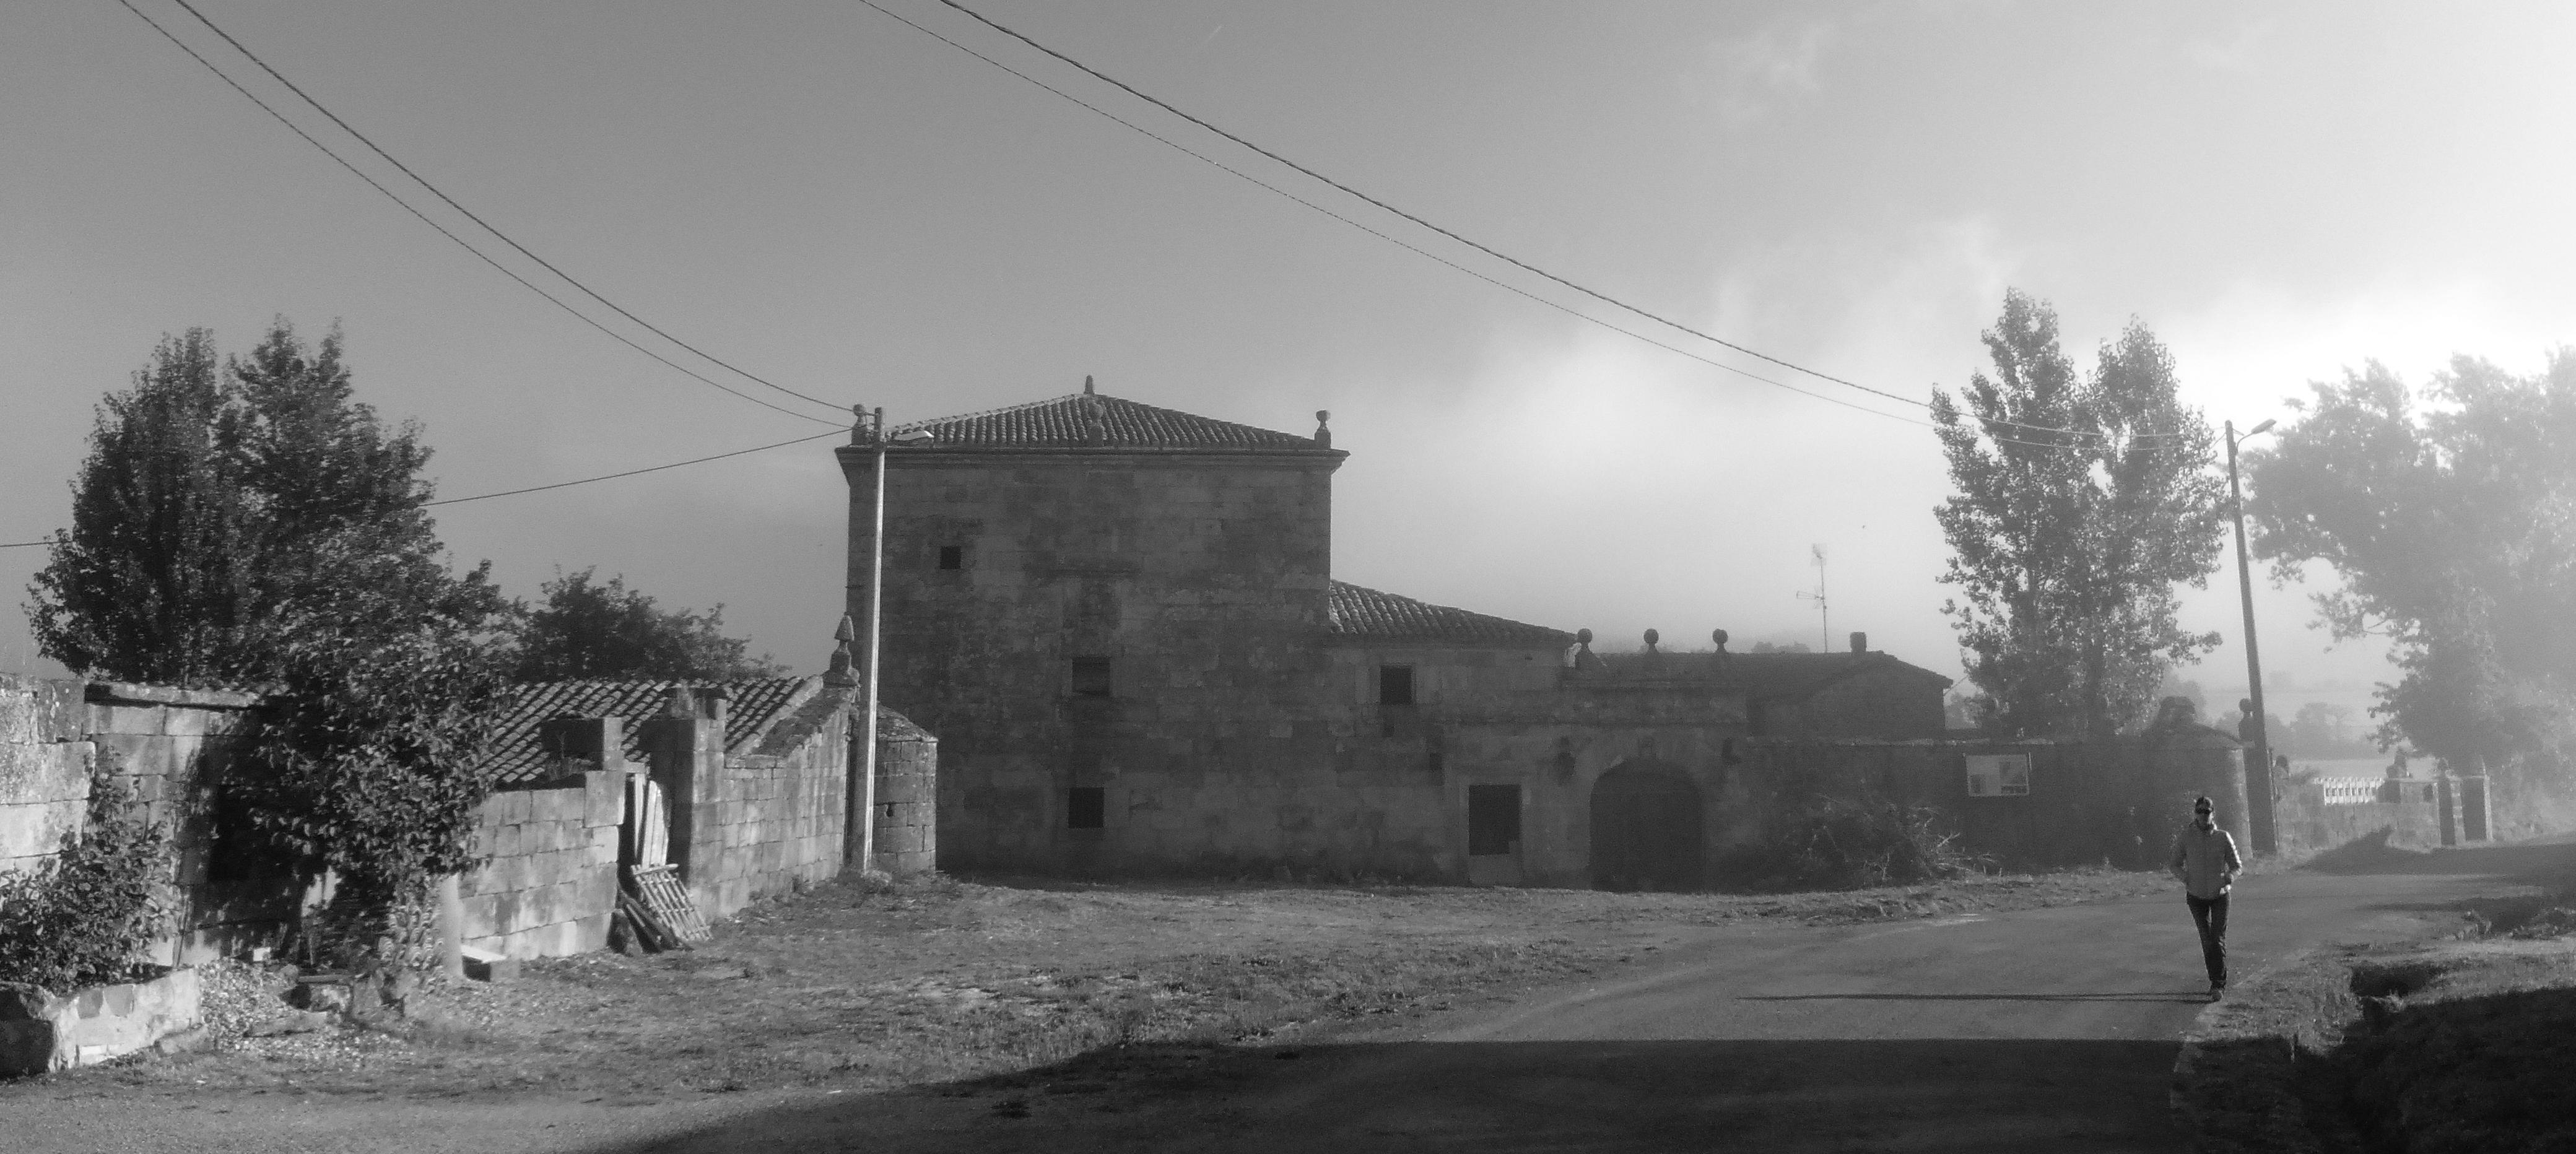 sietequince proyecto vivienda rural diseño rehabilitación palacio fachada torre